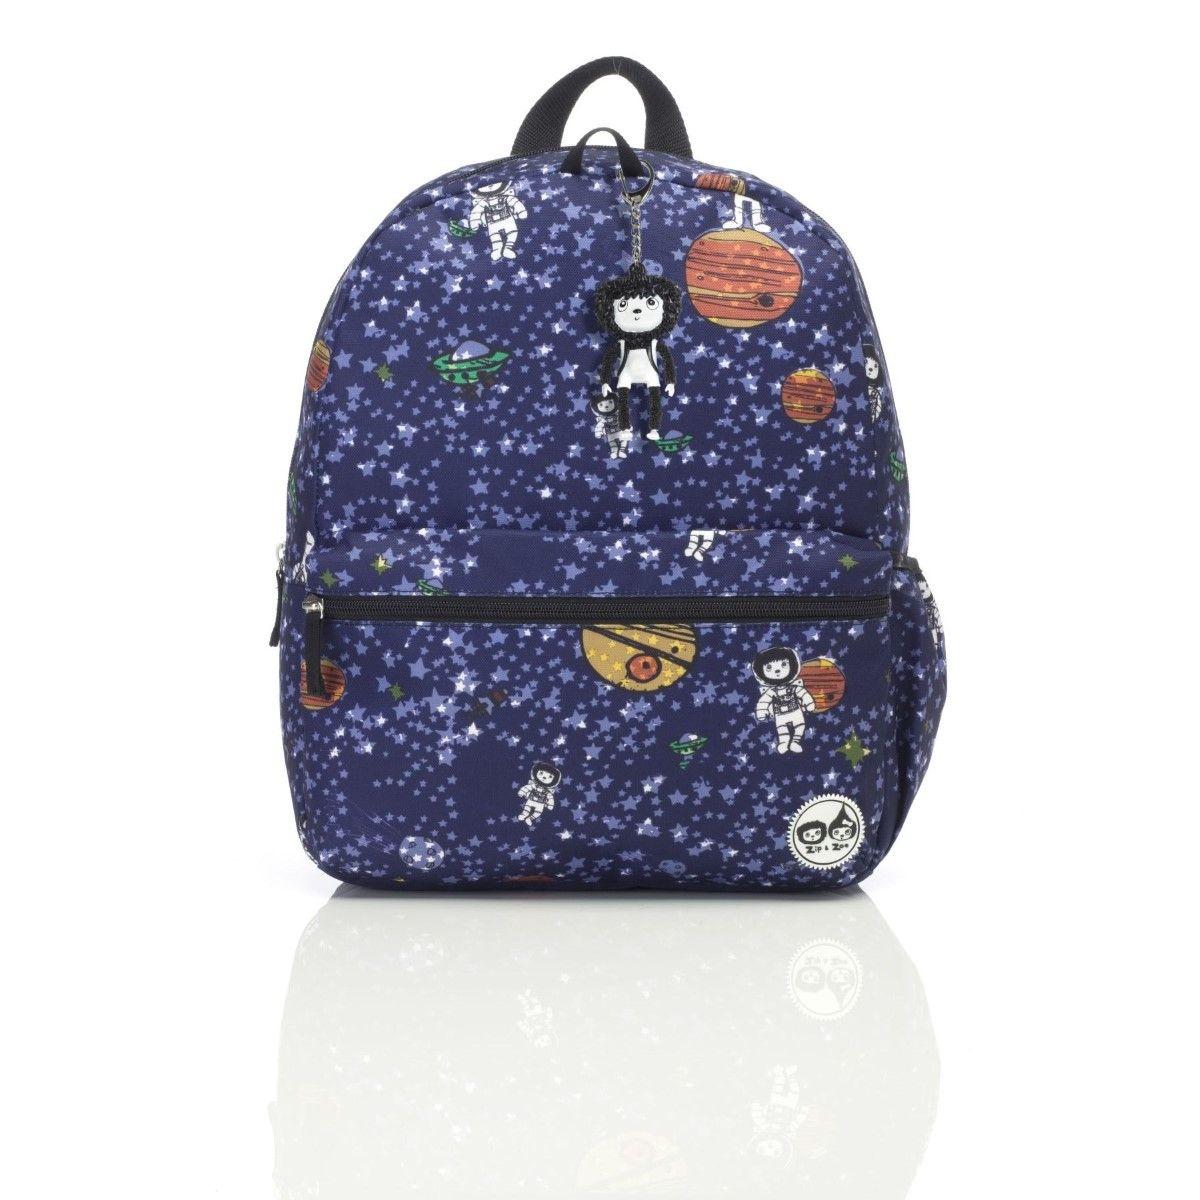 Zip & Zoe Spaceman Junior Kid's Backpack [4-9 Years]